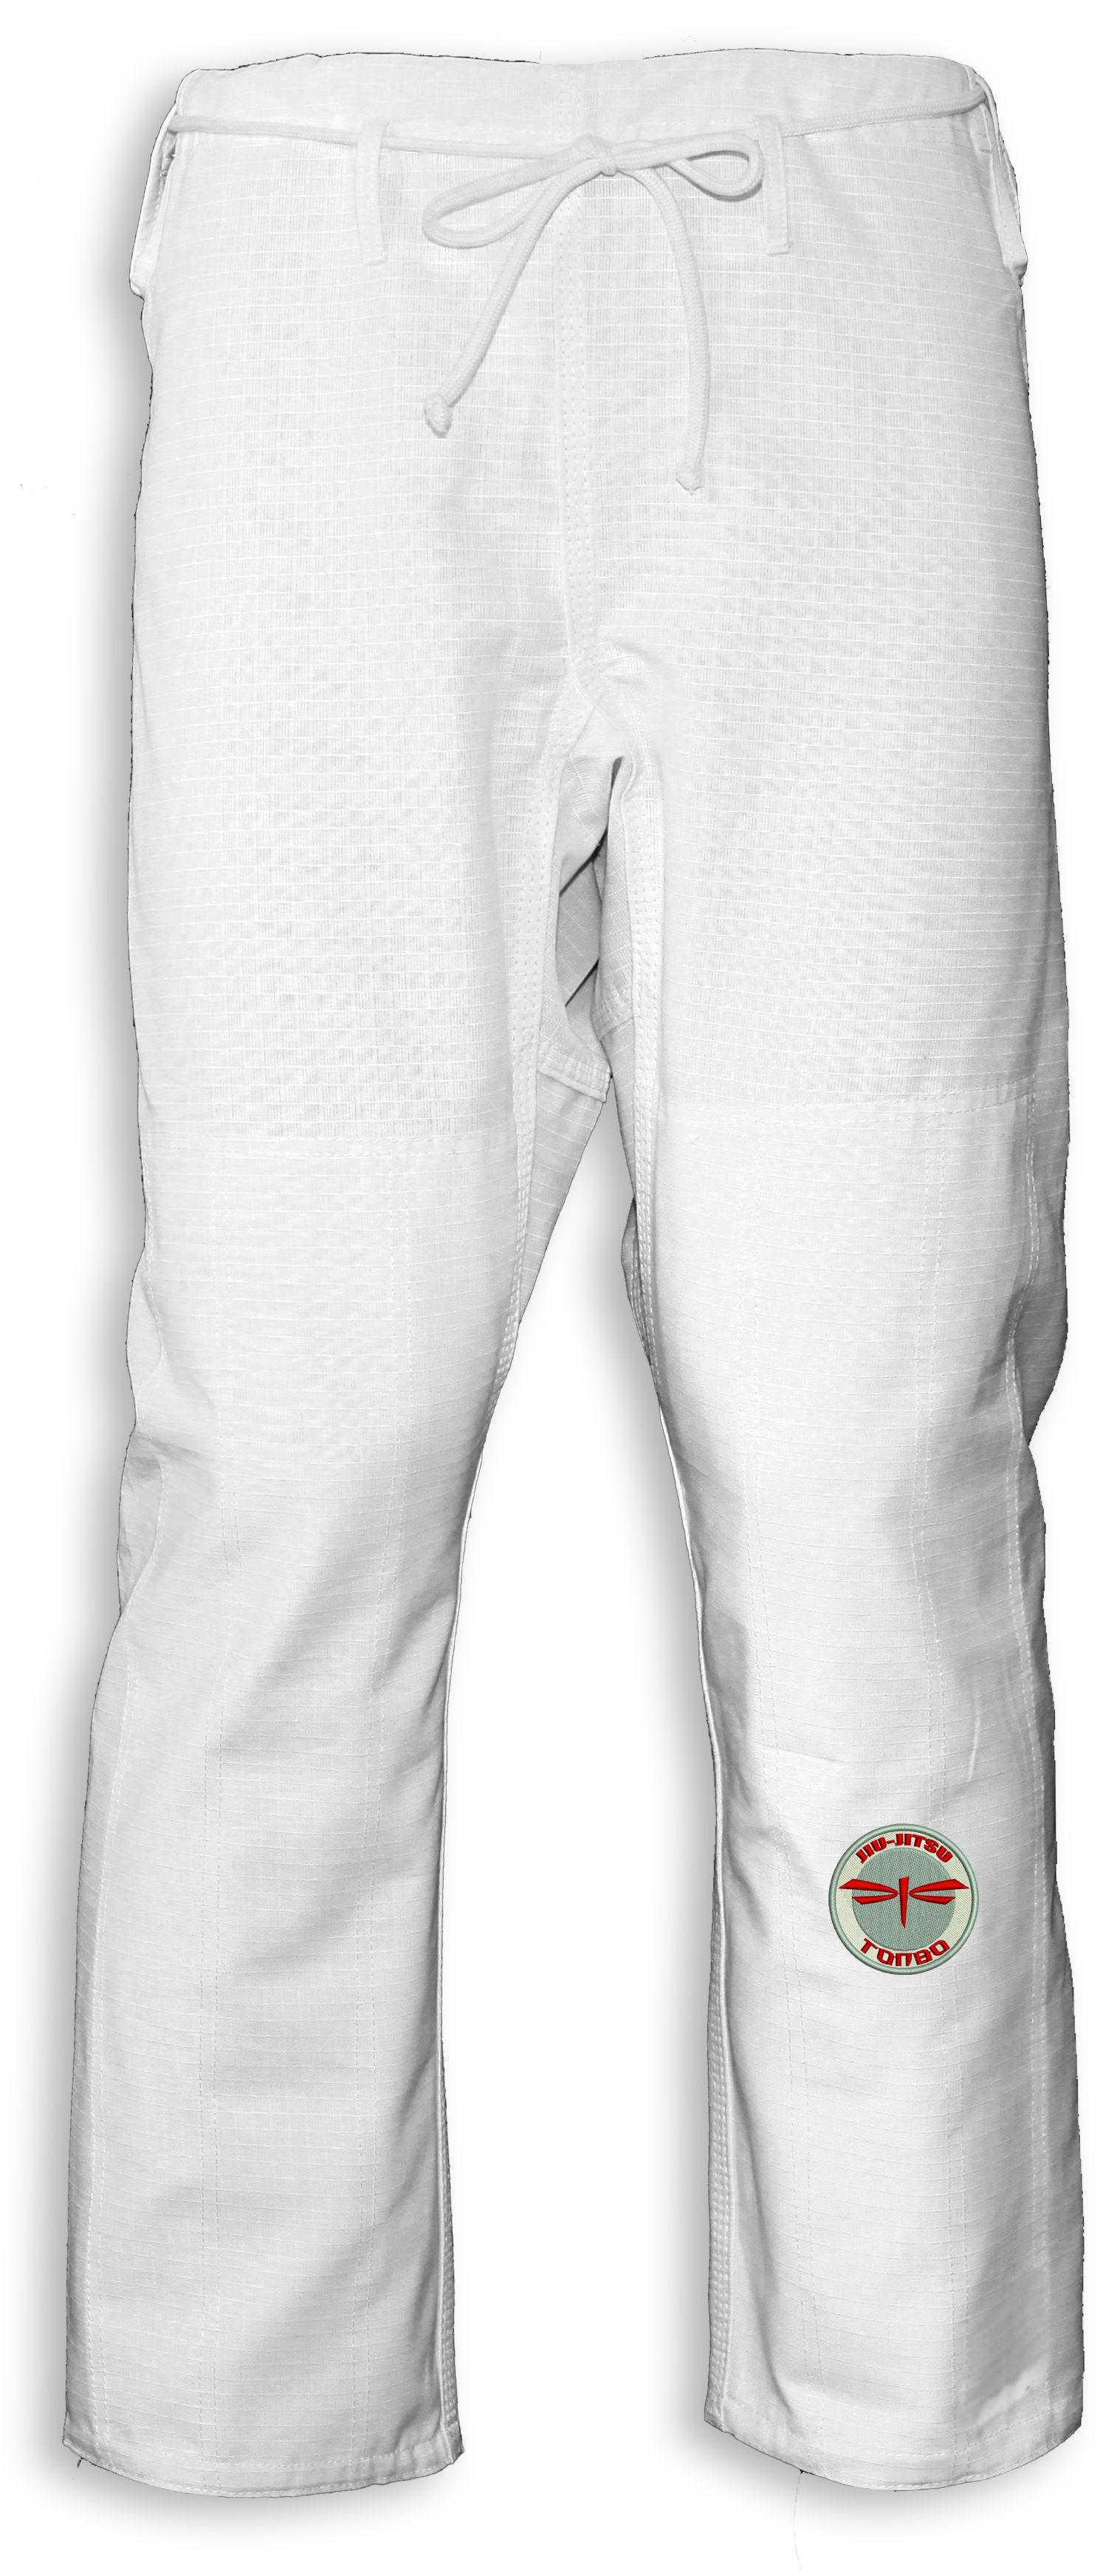 spodnie BJJ / Jiu-Jitsu NAKED-RIPSTOP, białe (27 rozmiarów)